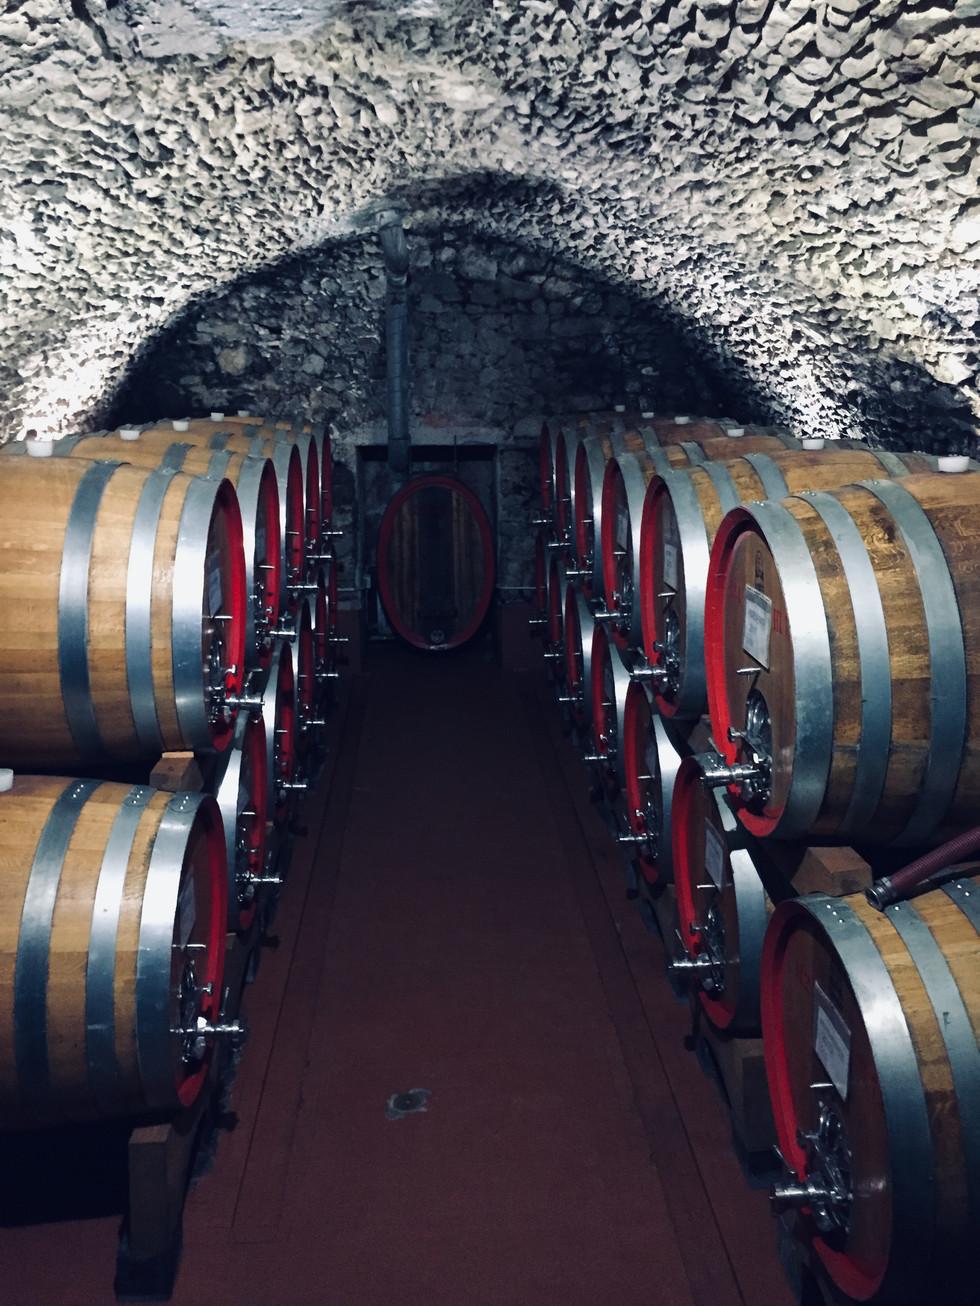 Visita alle numerose e storiche cantine della Valtellina. Dove il Nebbiolo delle Alpi fa da padrone.